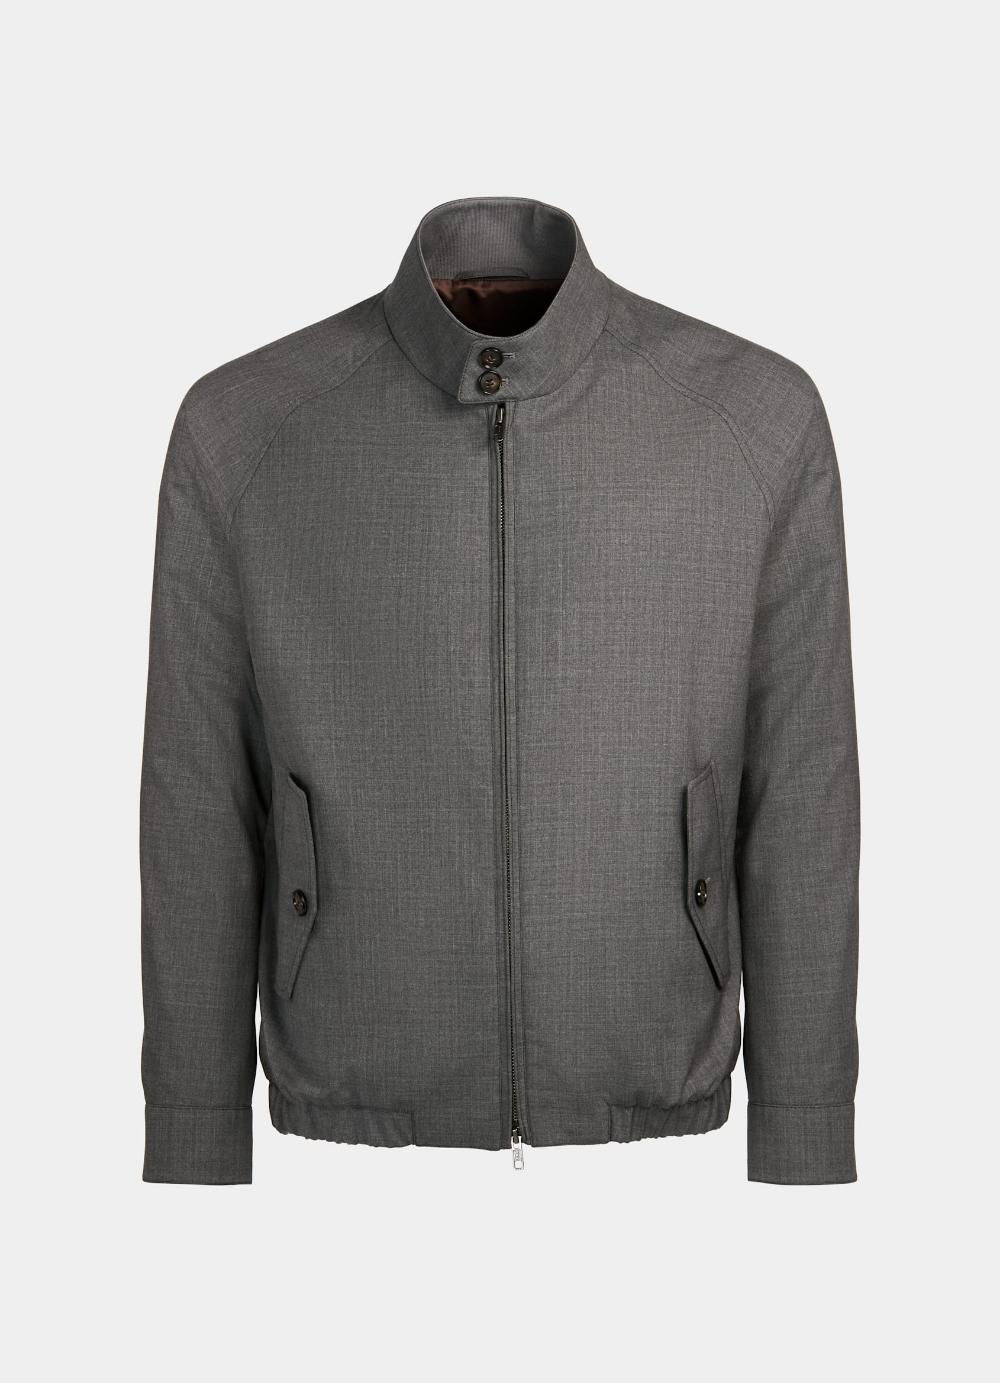 Grey Bomber Jacket Grey Bomber Jacket Bomber Jacket Men Sweater [ 1383 x 1000 Pixel ]